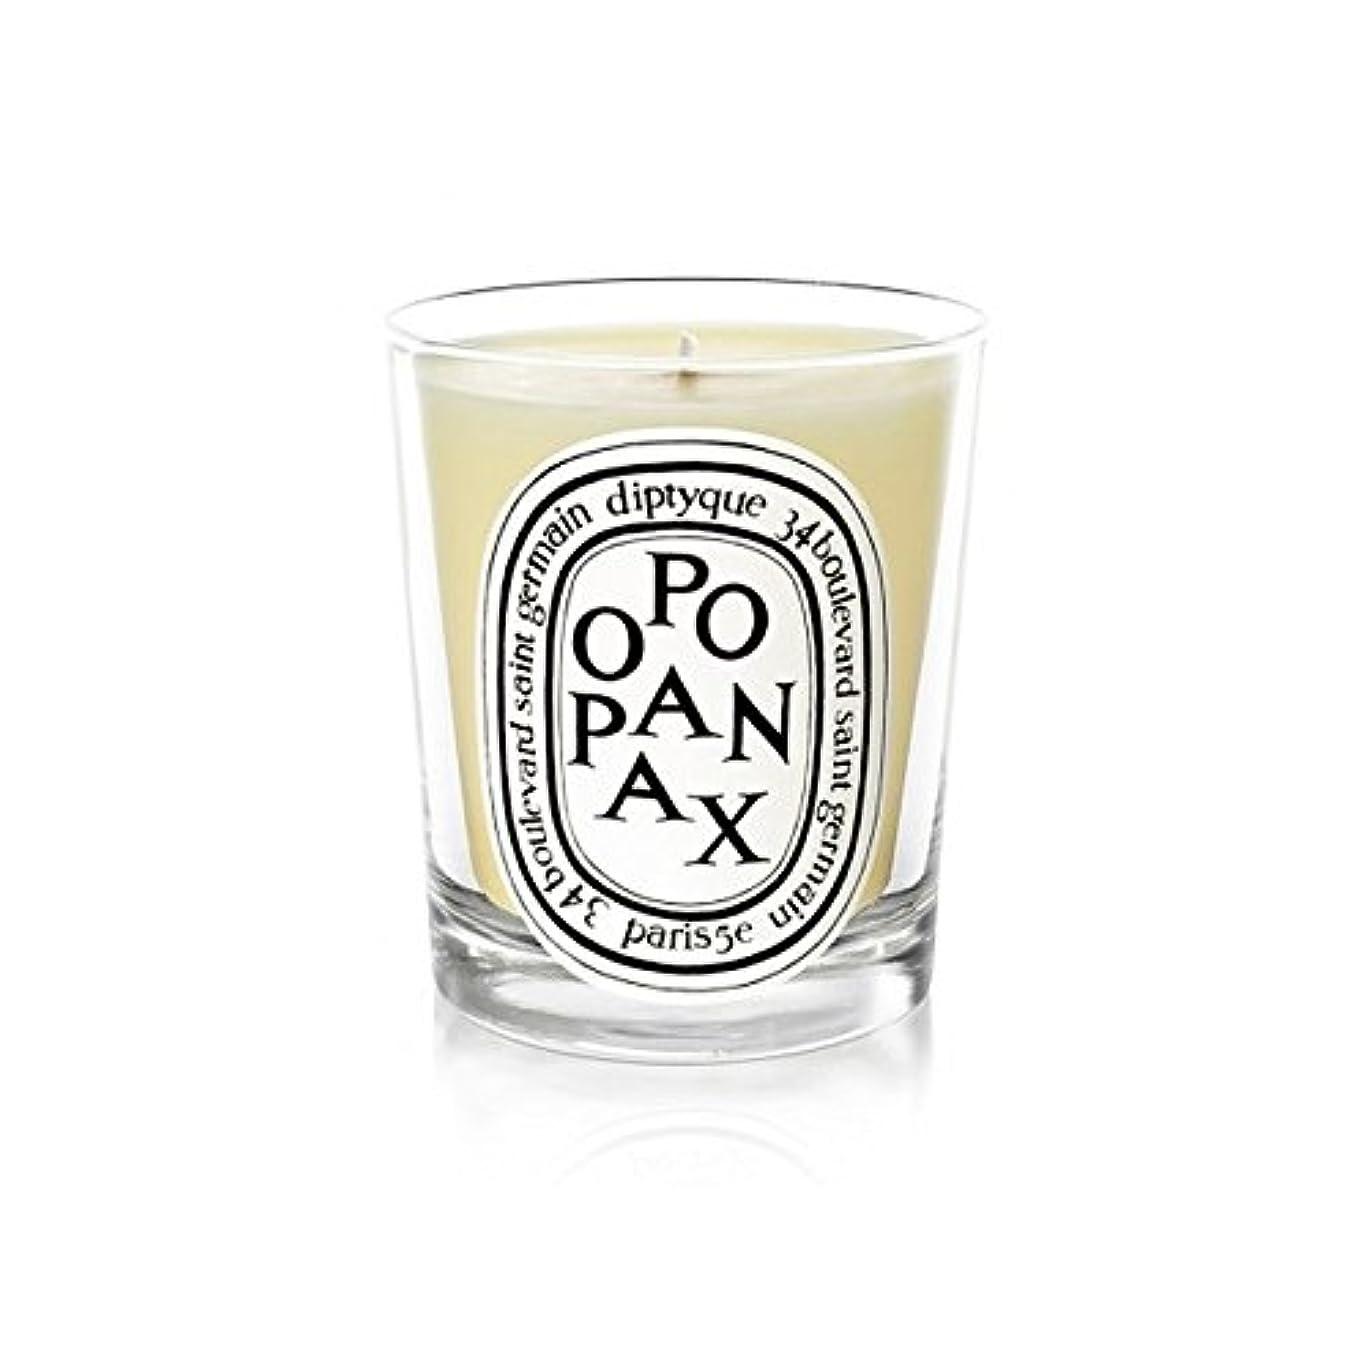 所有権経済廃止Diptyqueキャンドルオポパナクス/オポパナクス190グラム - Diptyque Candle Opopanax / Opopanax 190g (Diptyque) [並行輸入品]